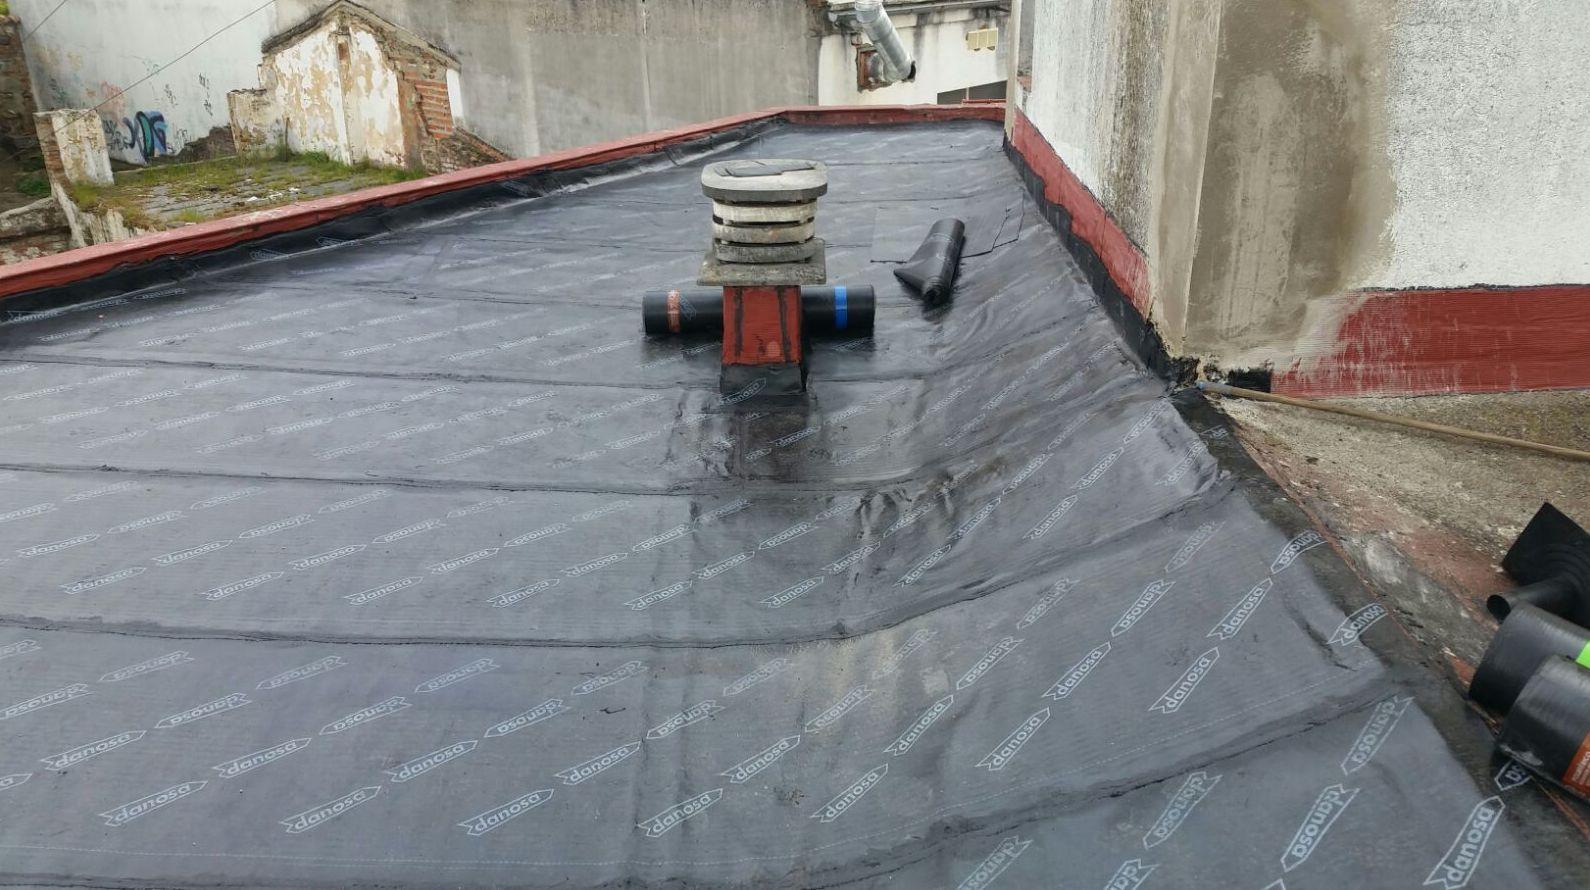 Impermeabilización de cubierta con tela asfáltica